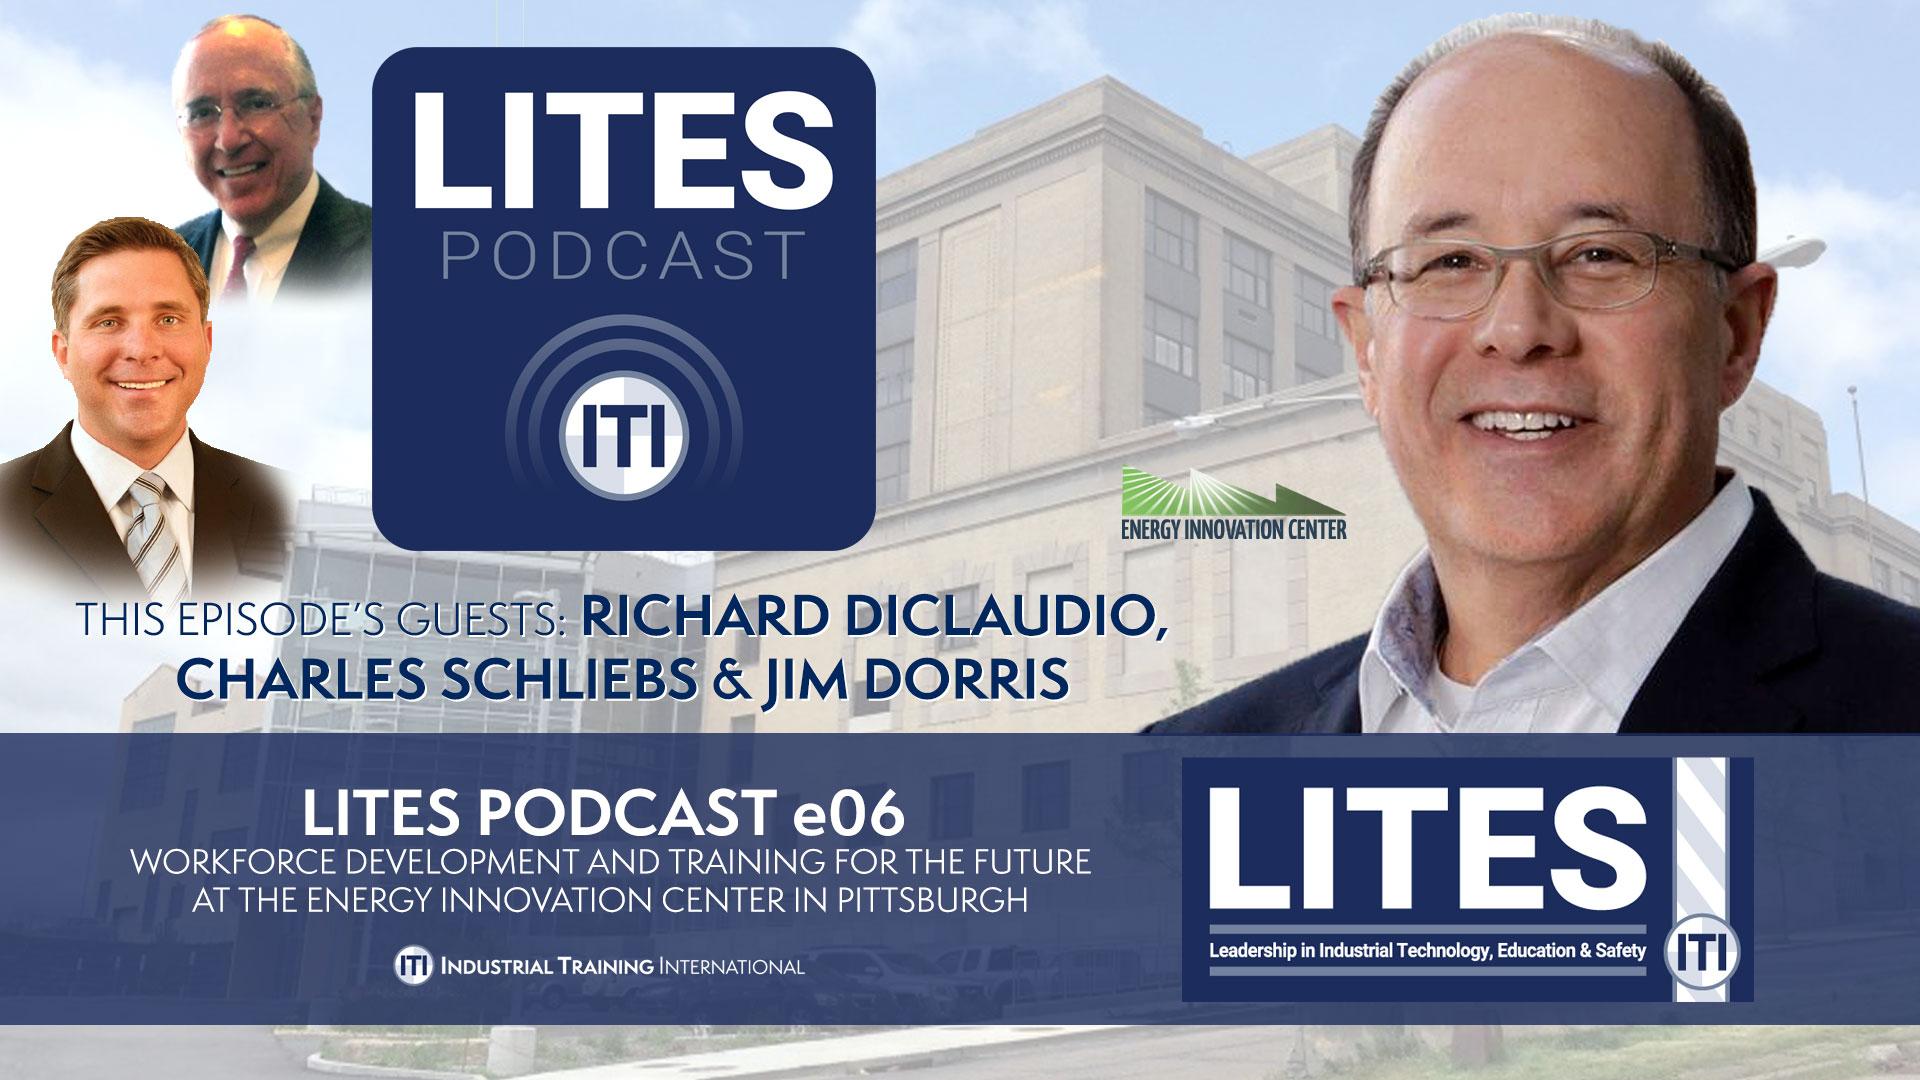 006-LITES-RDICLAUDIO-CSCHLIEBS-JDORRIS-web.jpg